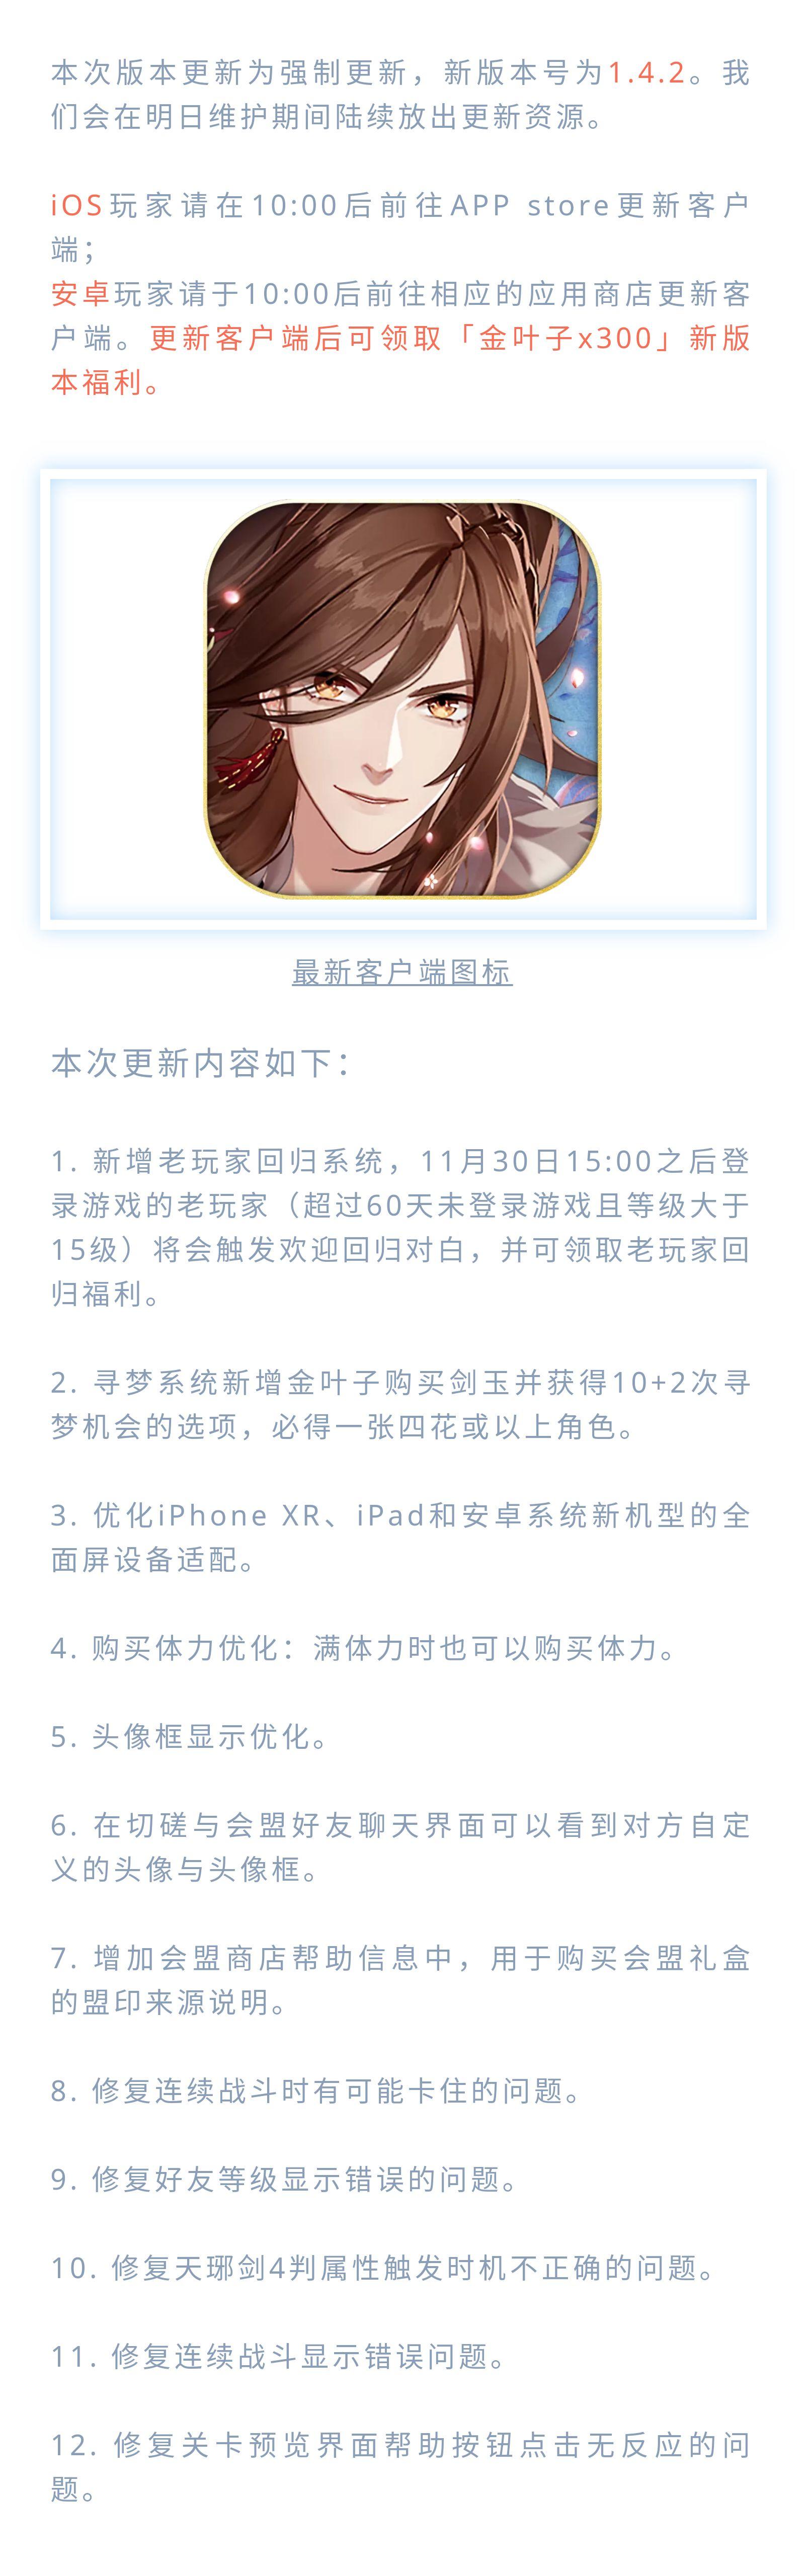 11月30日版本更新公告-20181129.jpg